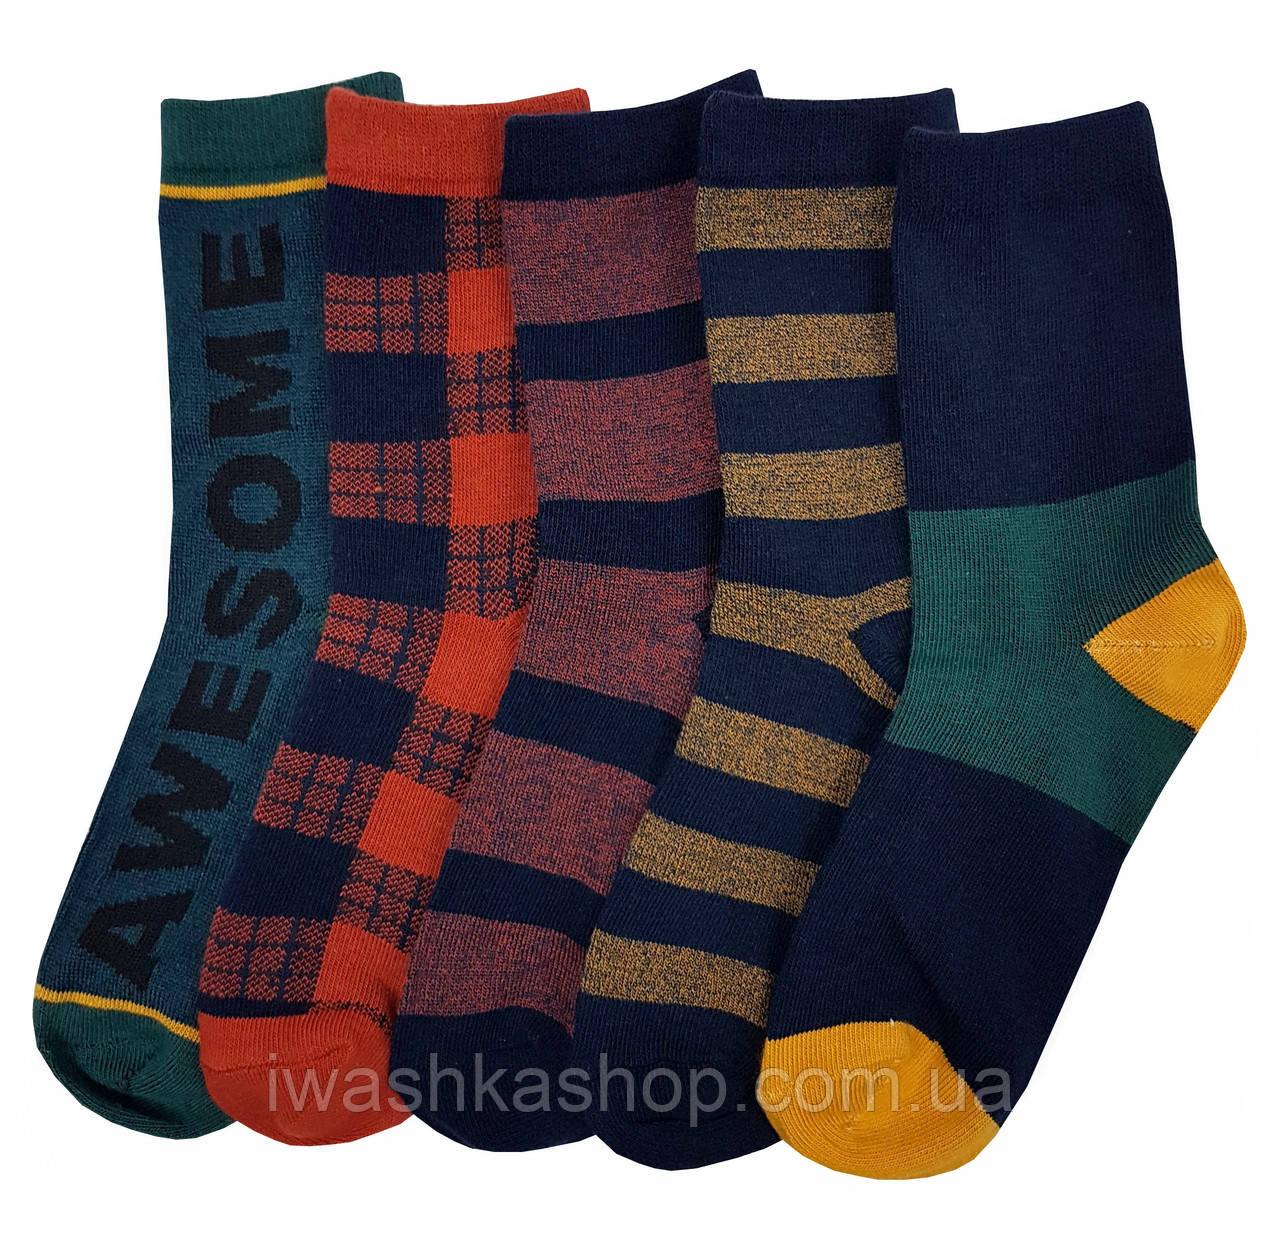 Практичные разноцветные носки комплектом на мальчика 7 - 10 лет, р. 30,5 - 36, Primark